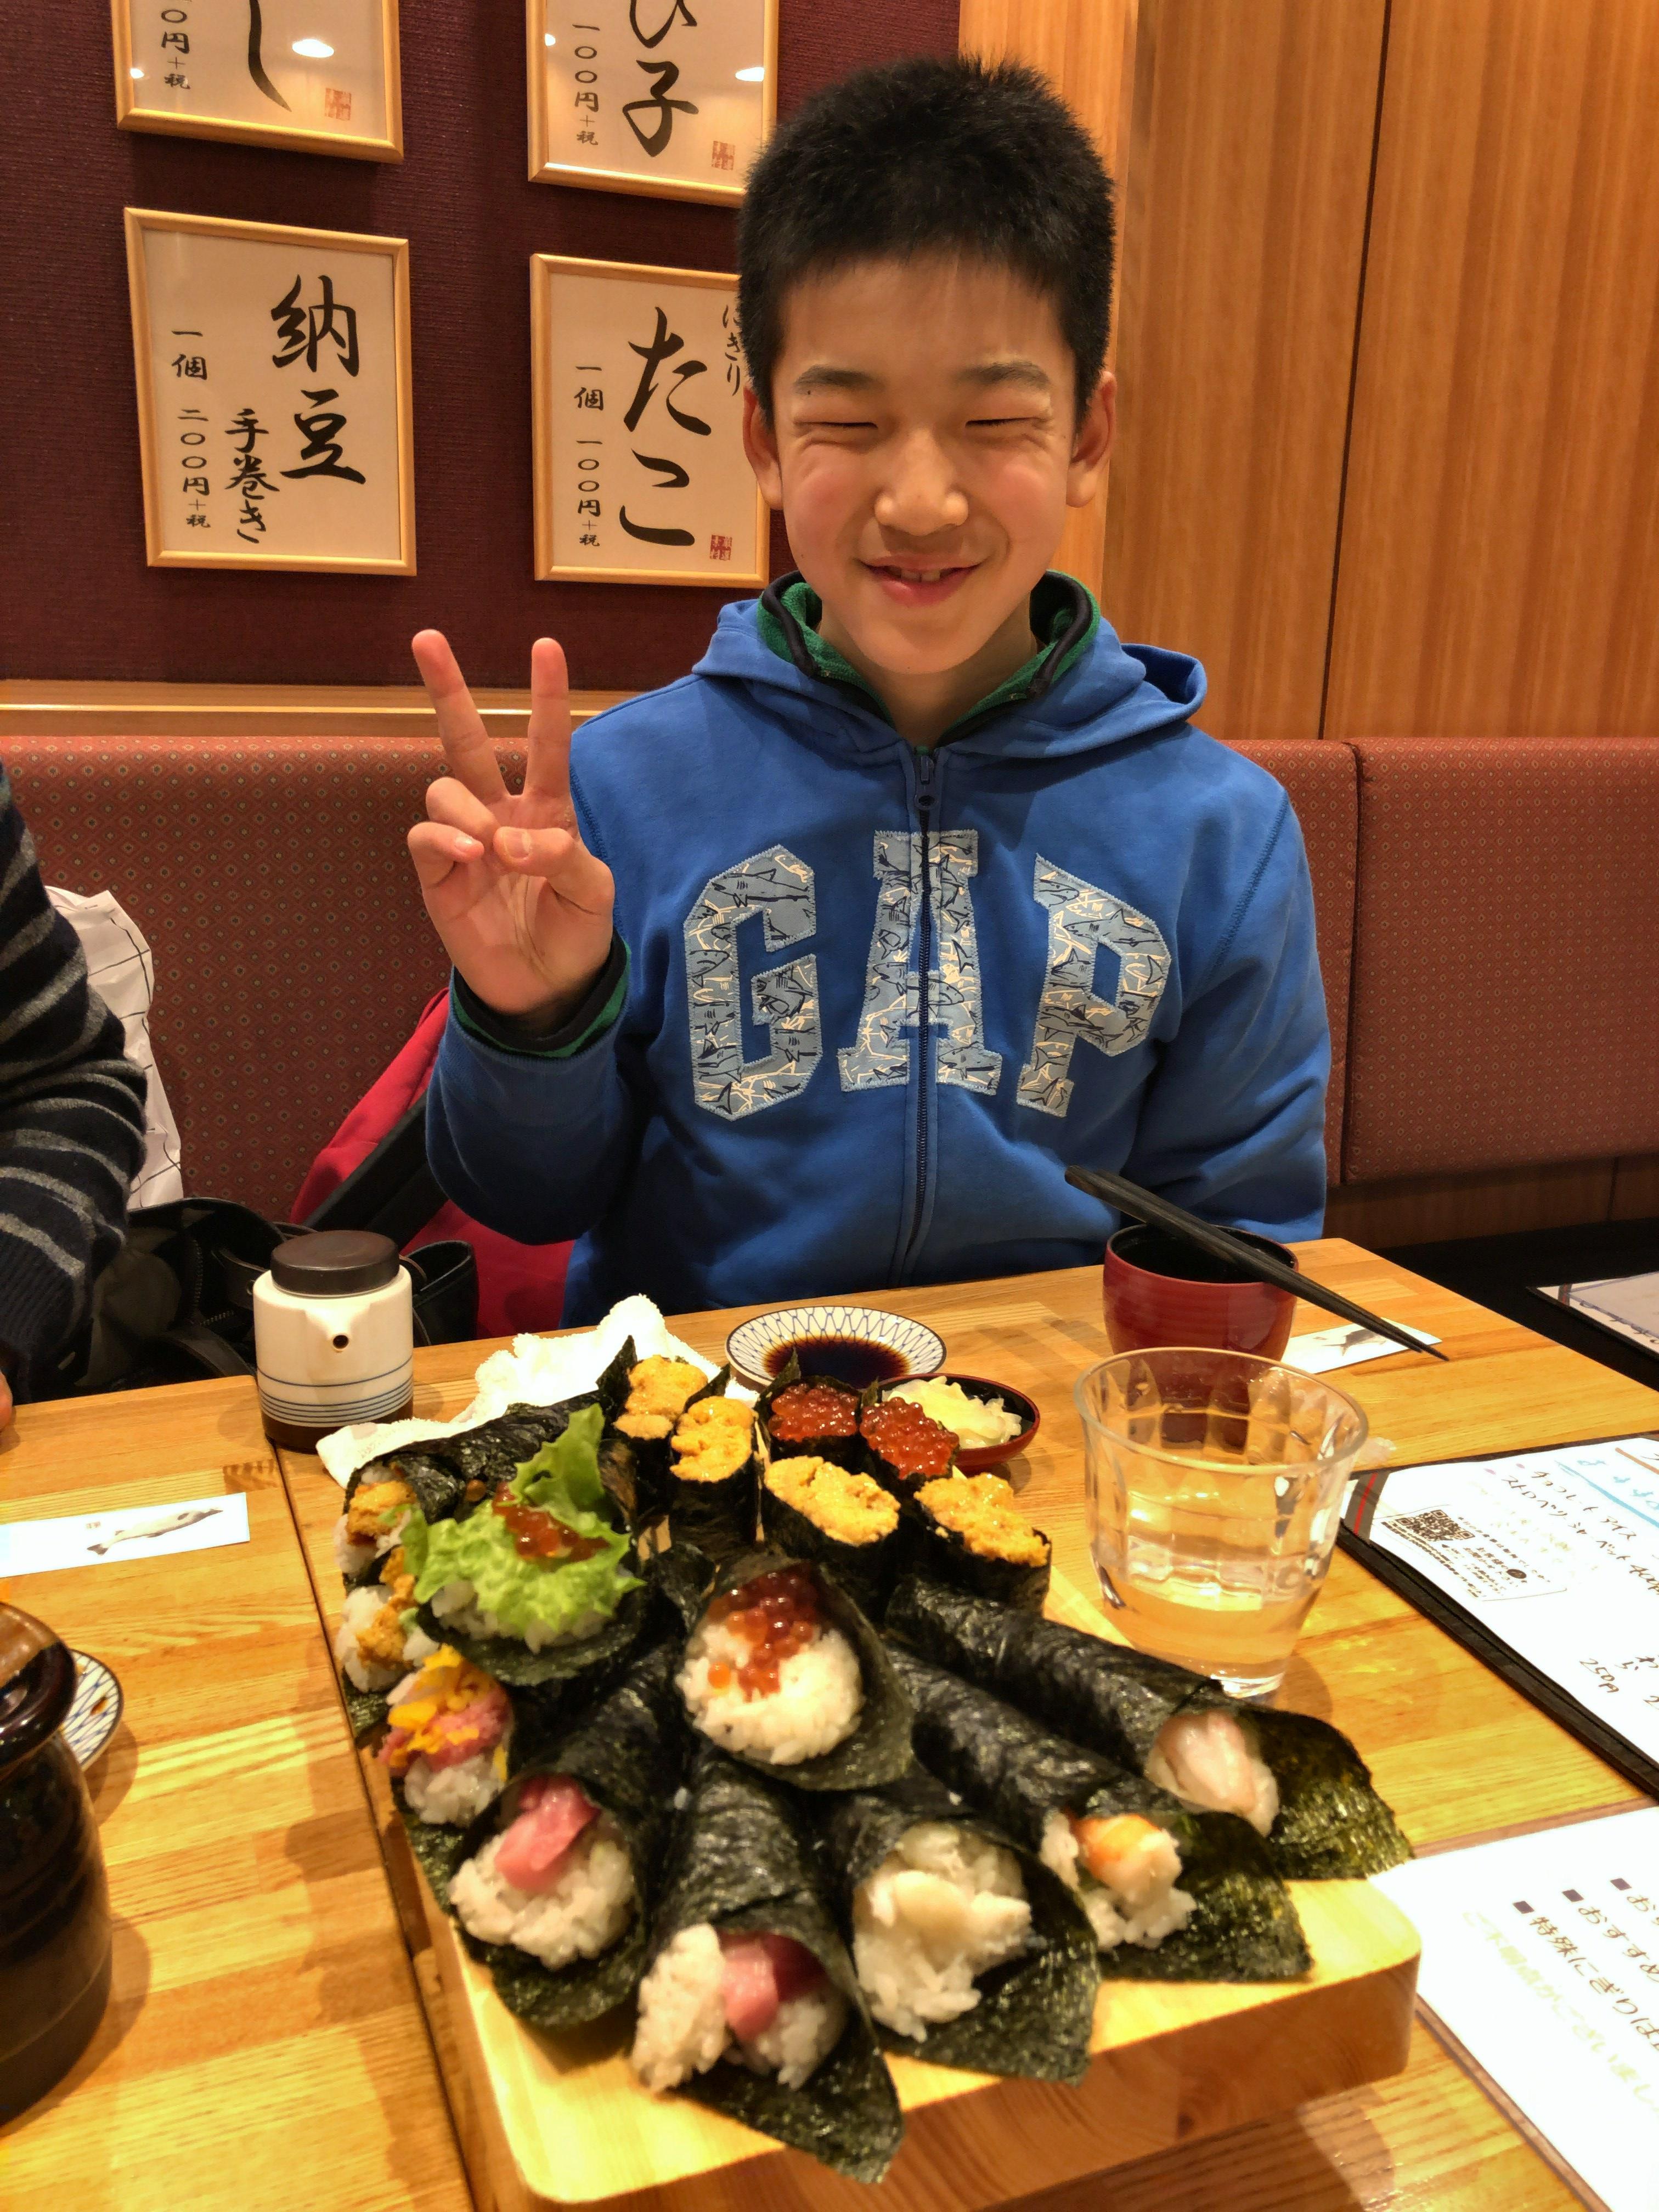 寿司と笑顔の子ども